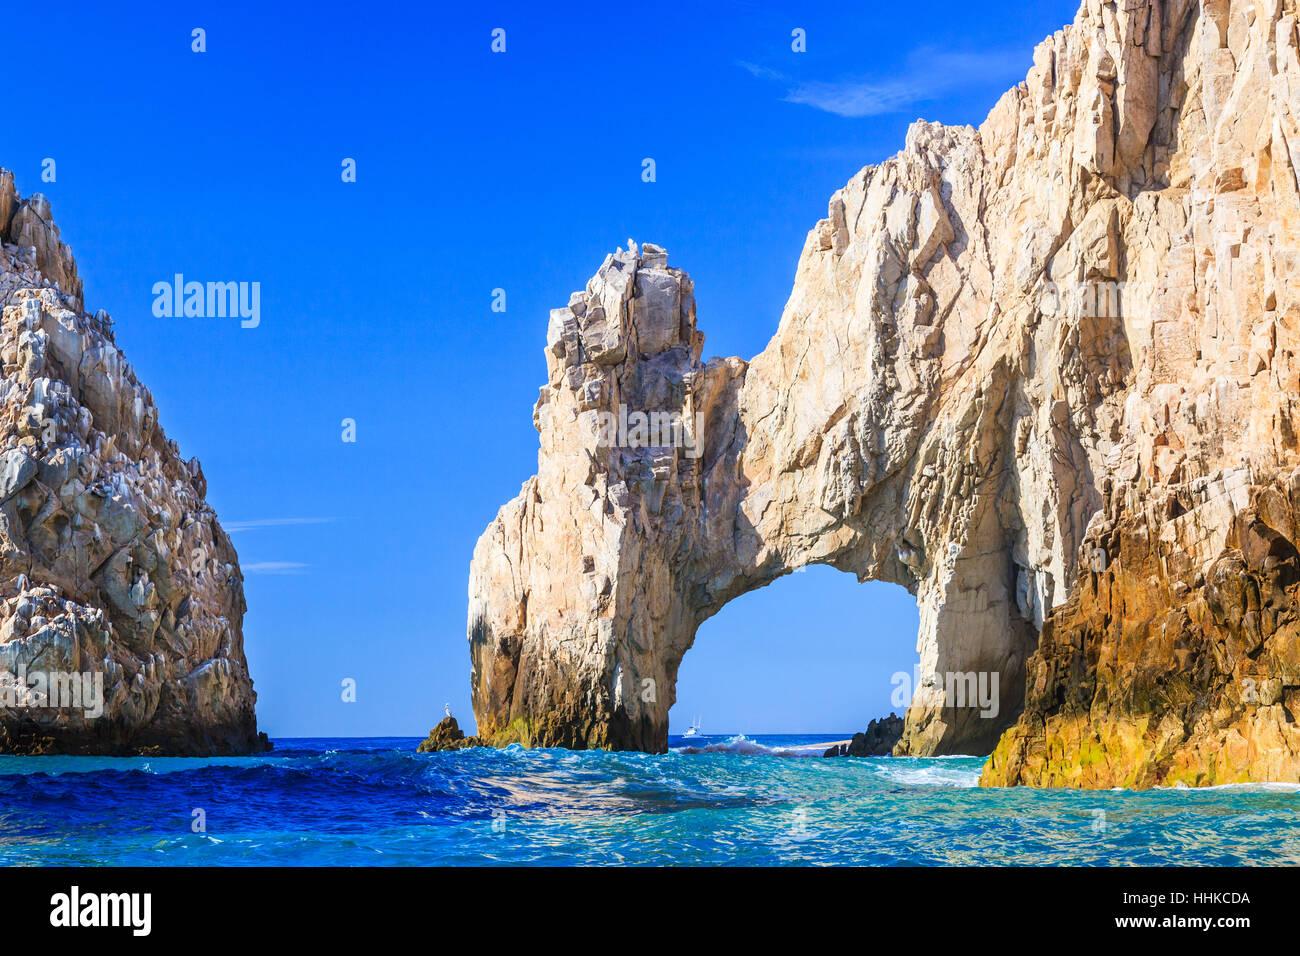 Cabo San Lucas, Los Arcos. Mexican riviera, Mexico. - Stock Image